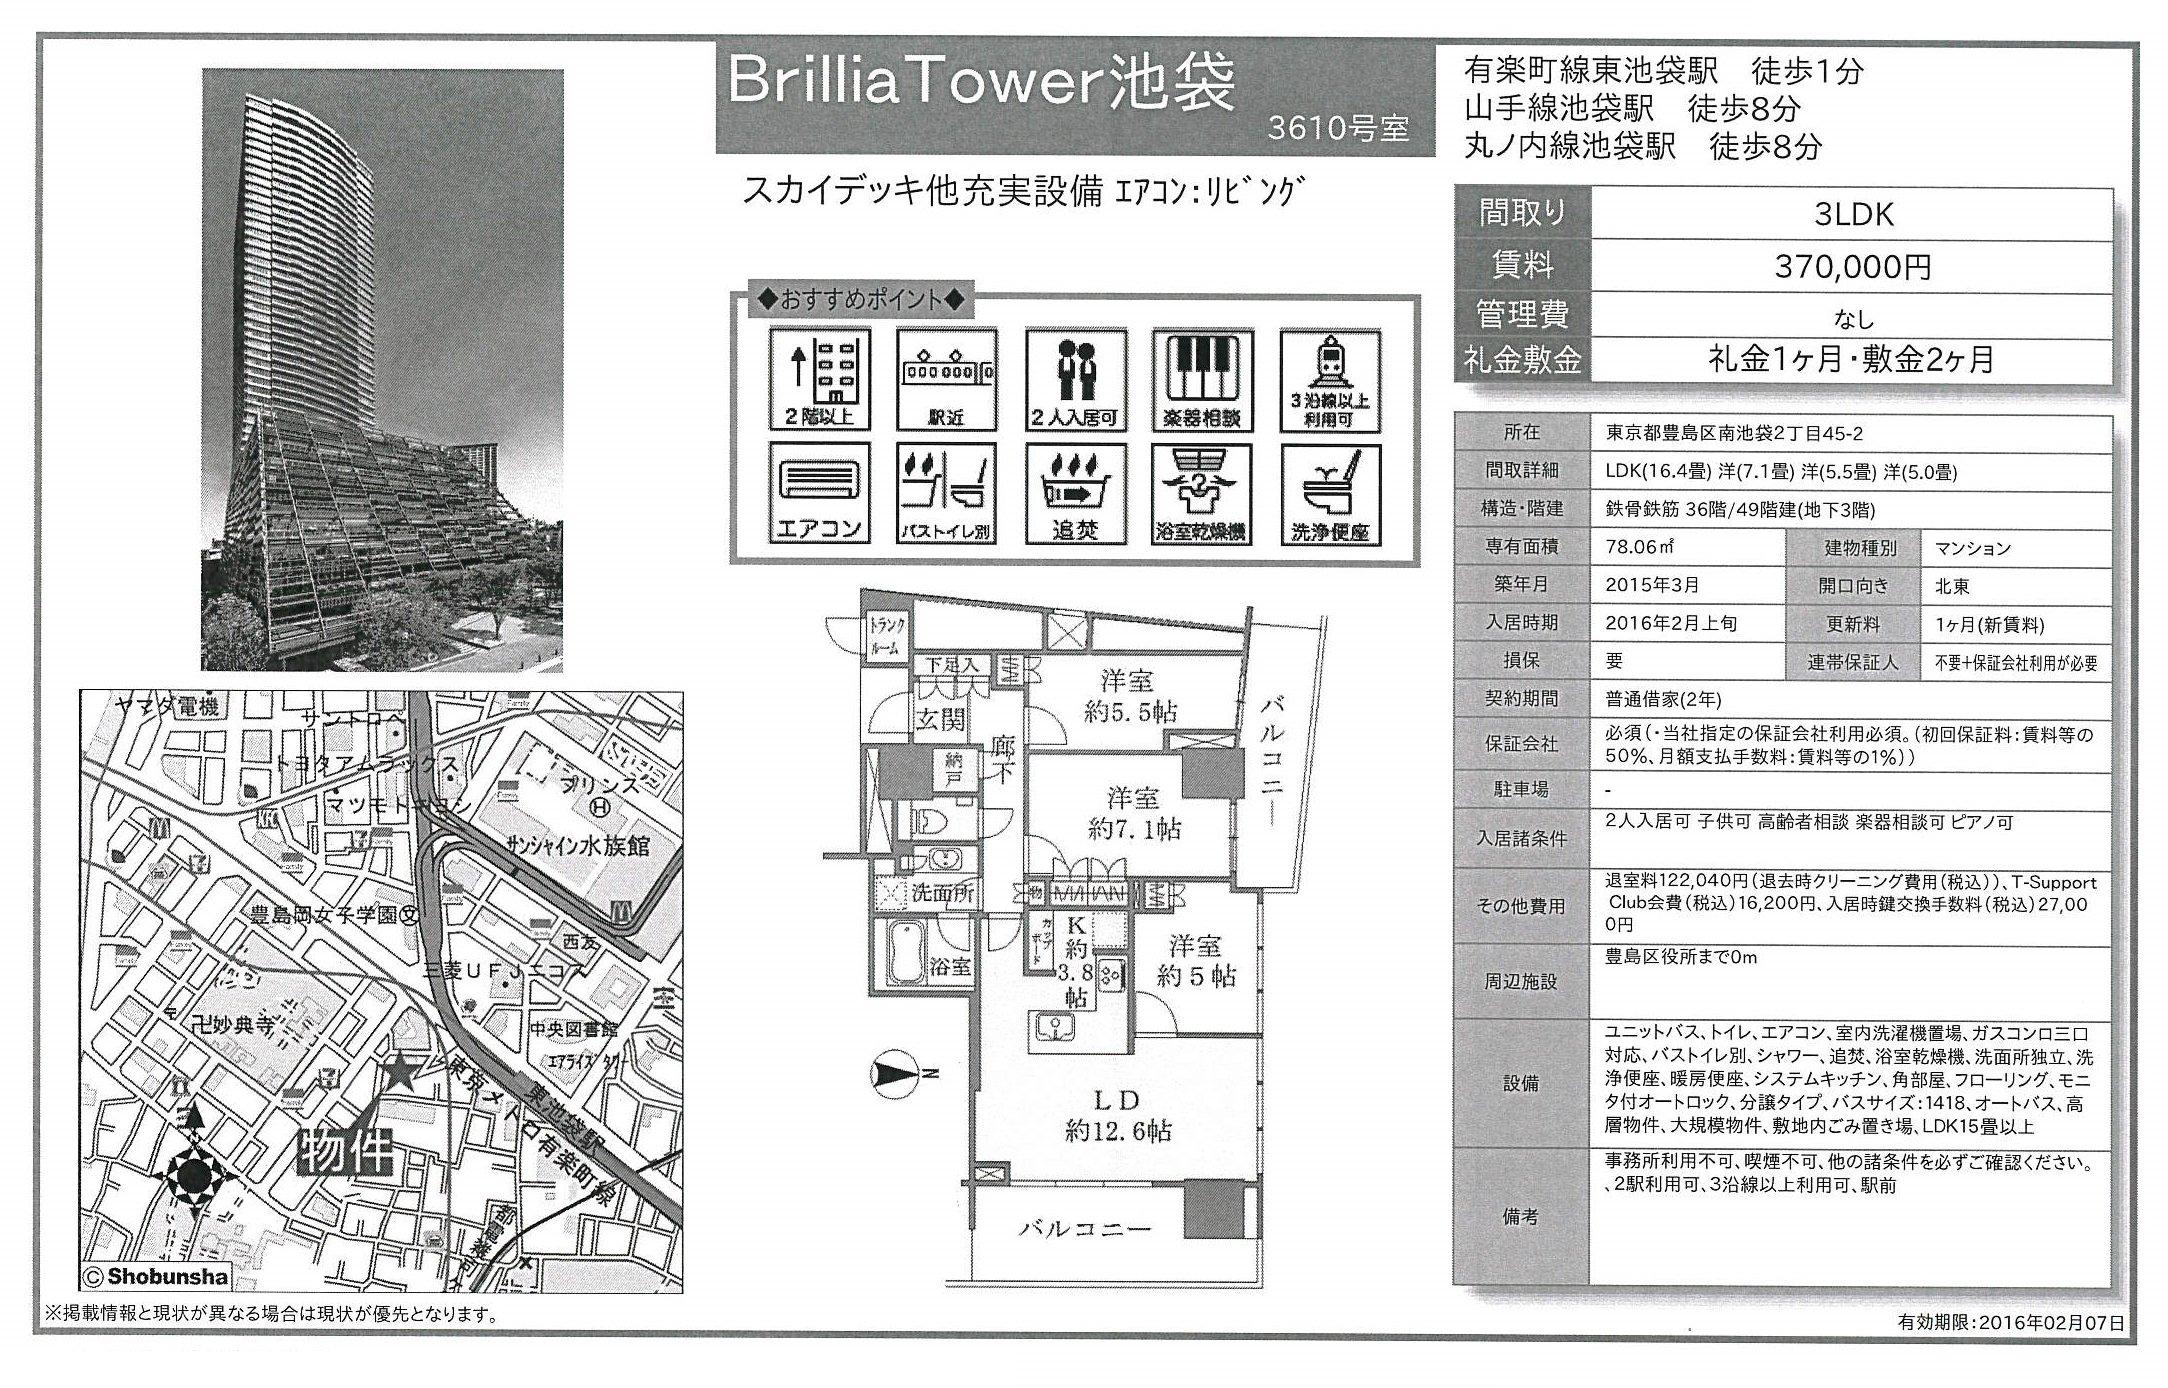 ブリリアタワー池袋図面3610号室